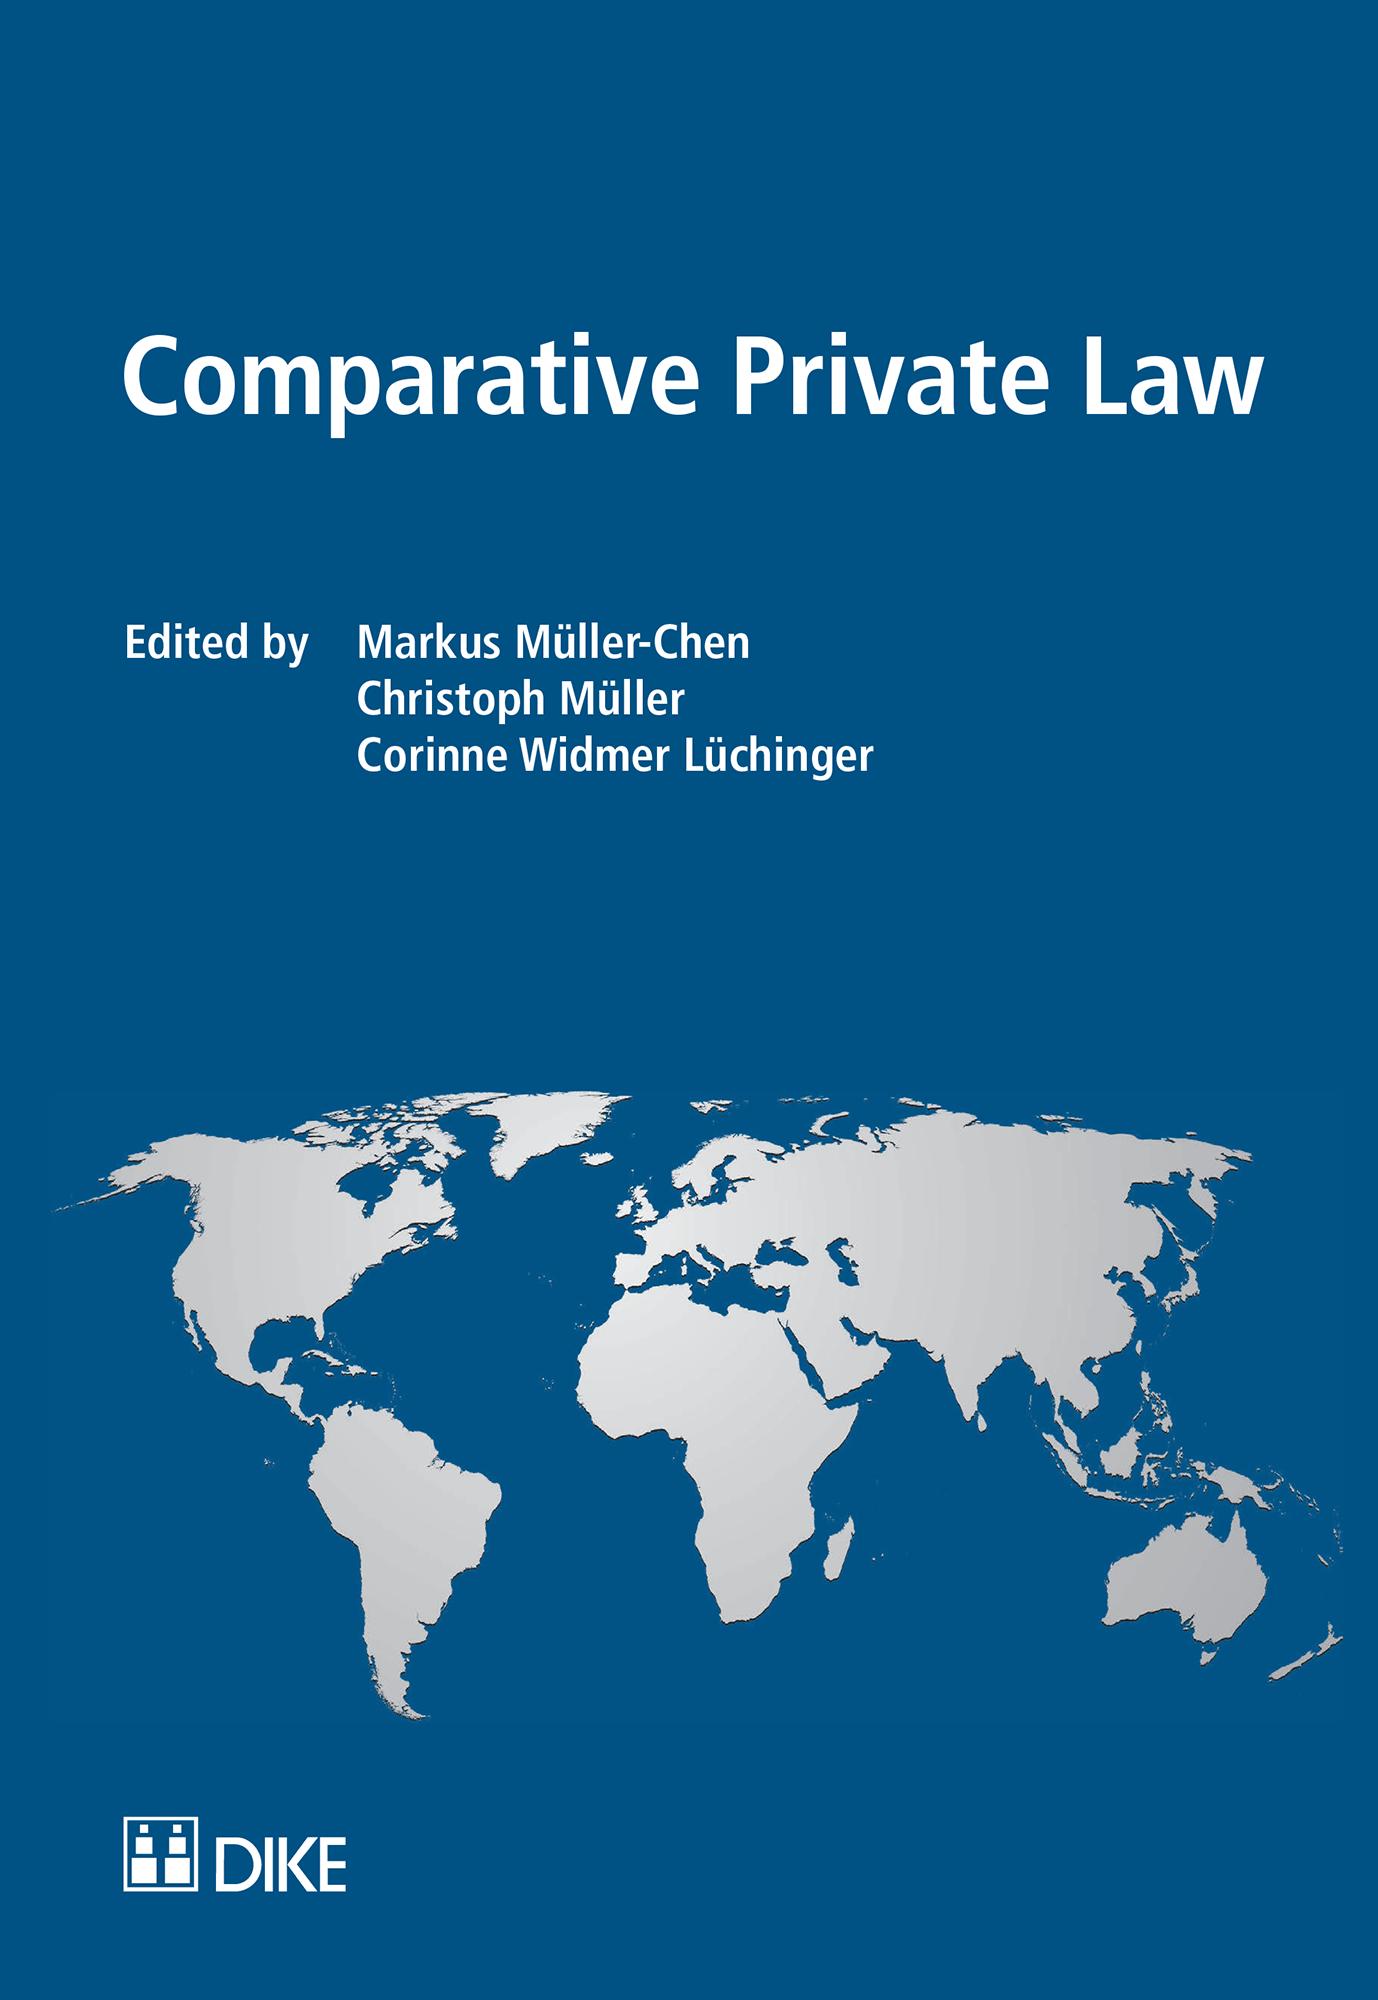 Comparative Private Law